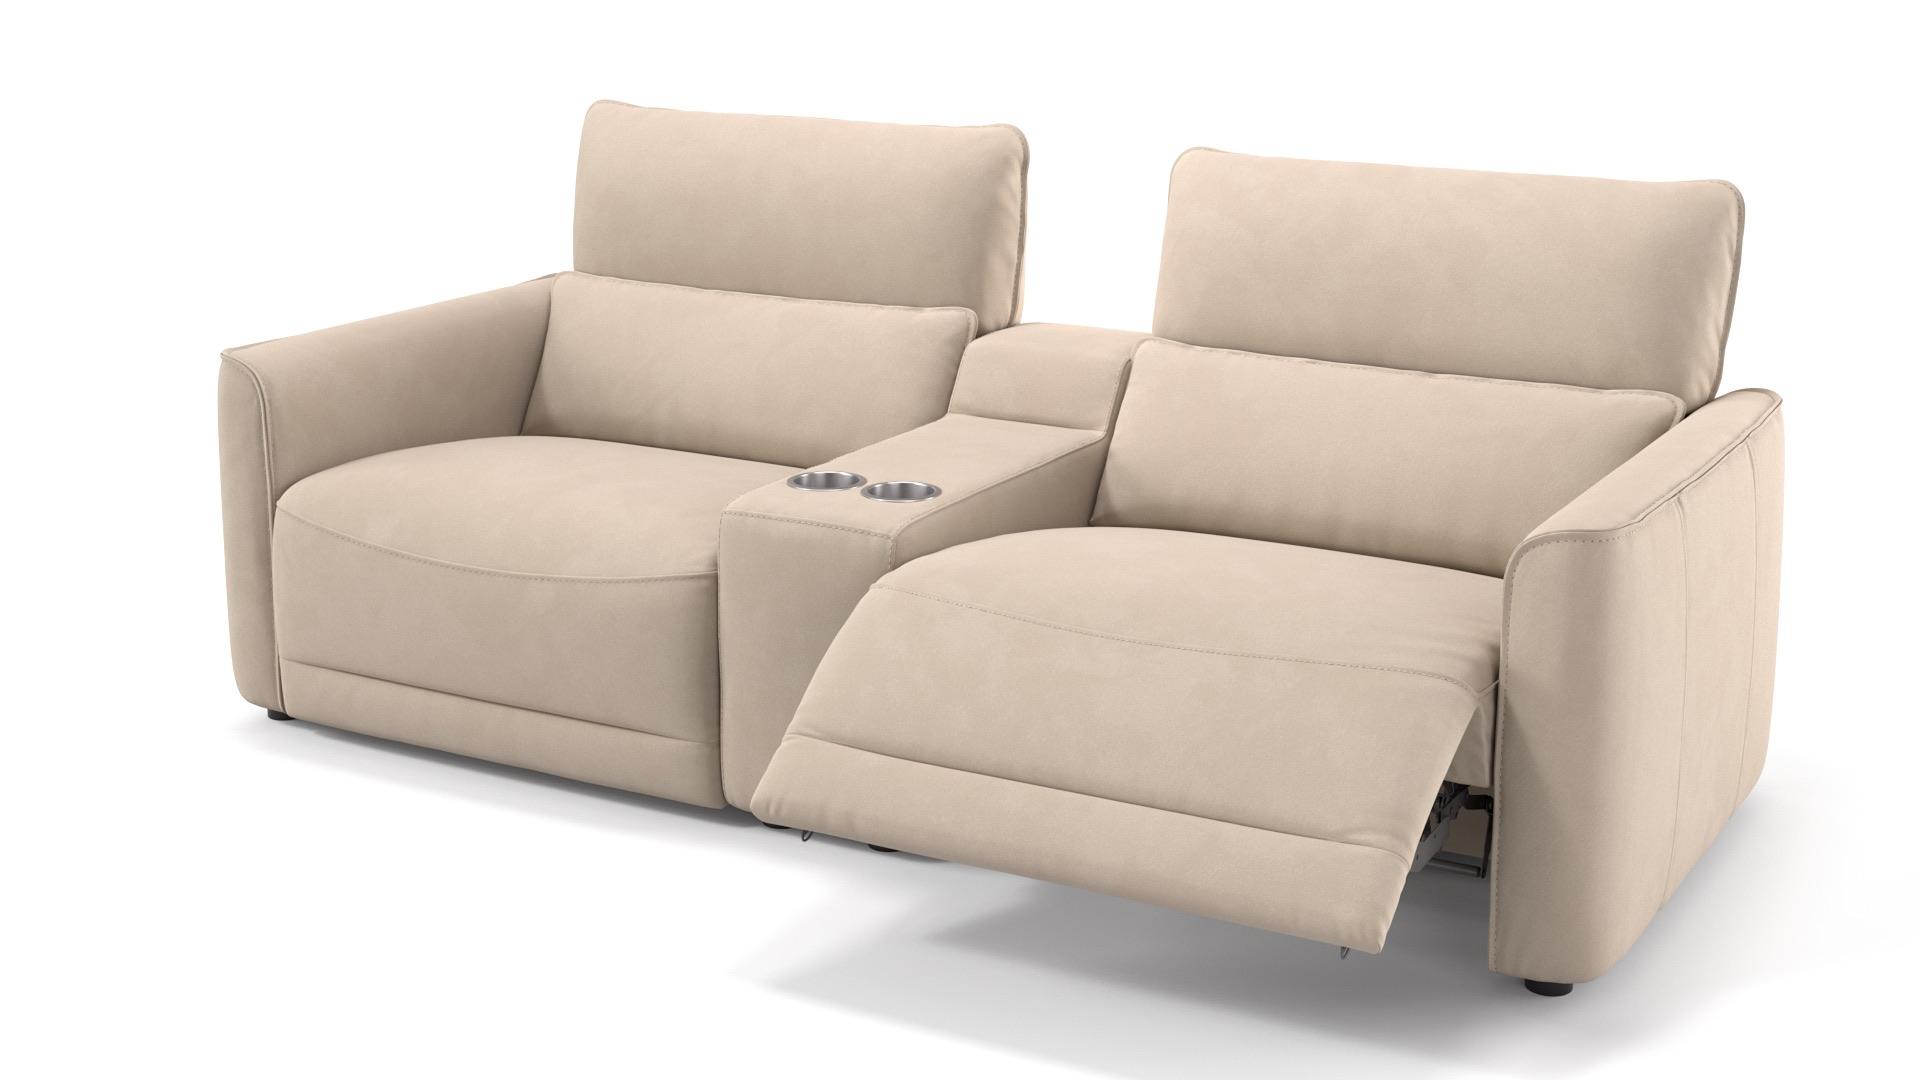 Stoff 2-Sitzer Kinosofa GALA